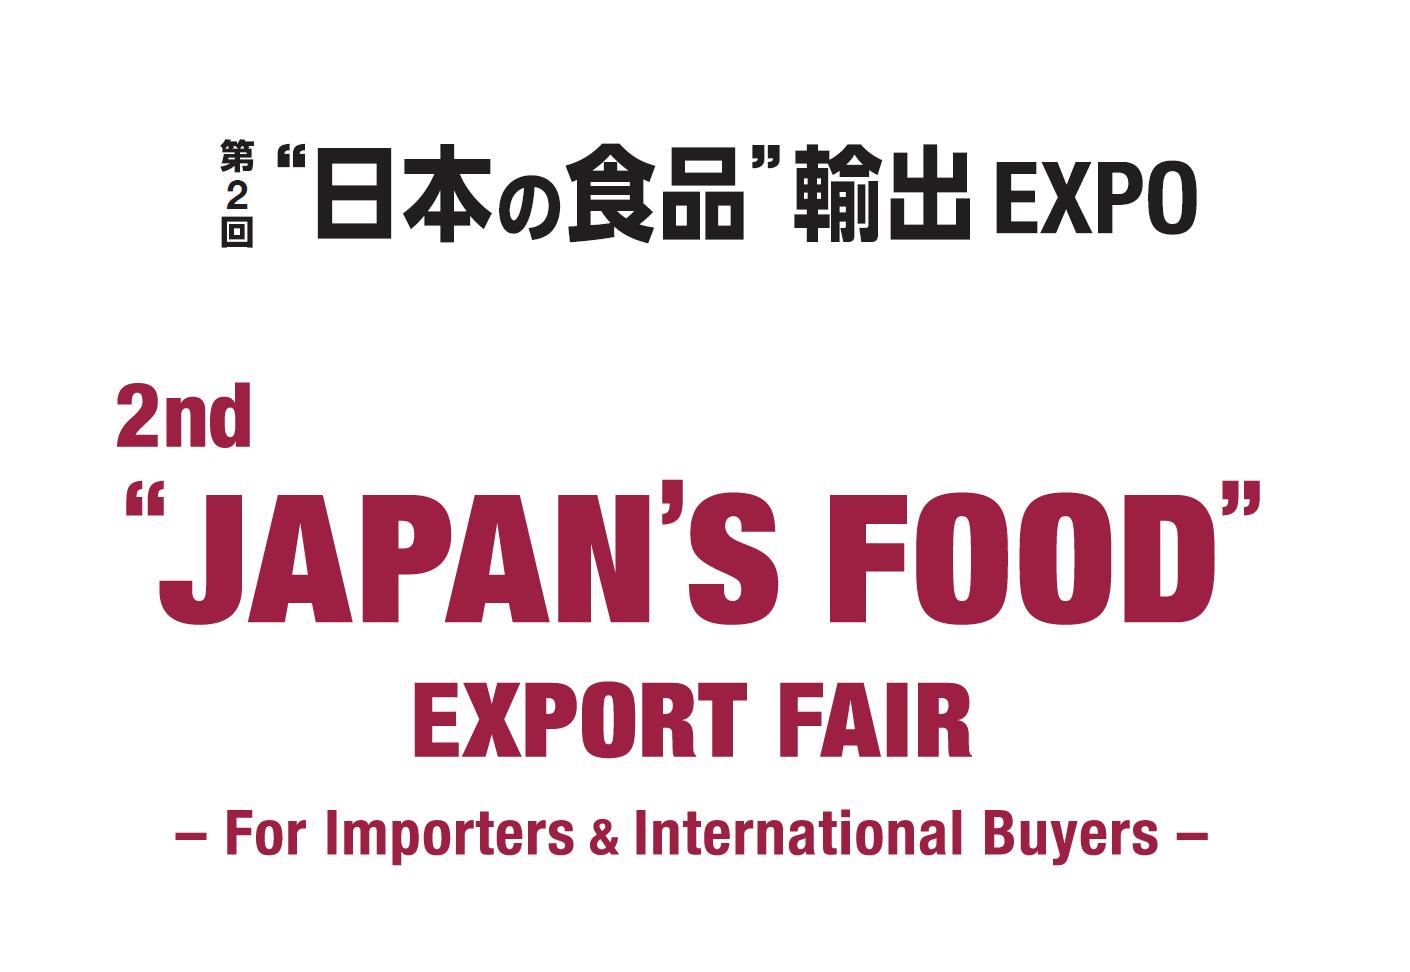 日本の 食品輸出EXPO の攻略法 (1) 海外バイヤ向けの展示会!